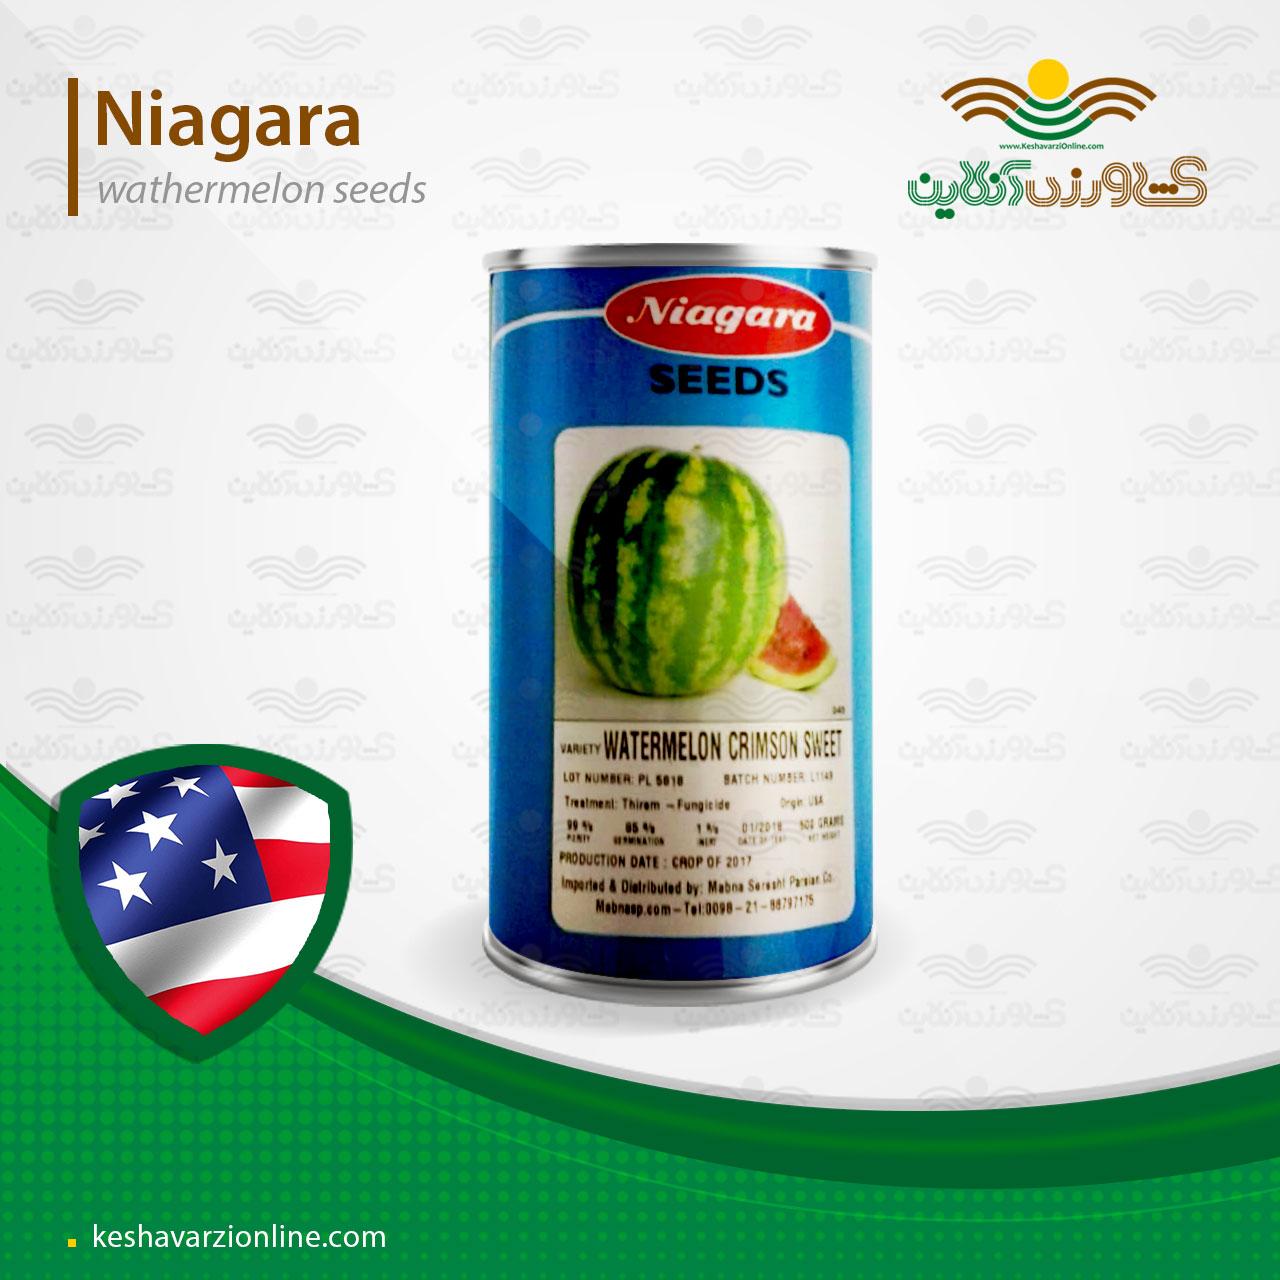 بذر هندوانه کریمسون سویت نیاگارا